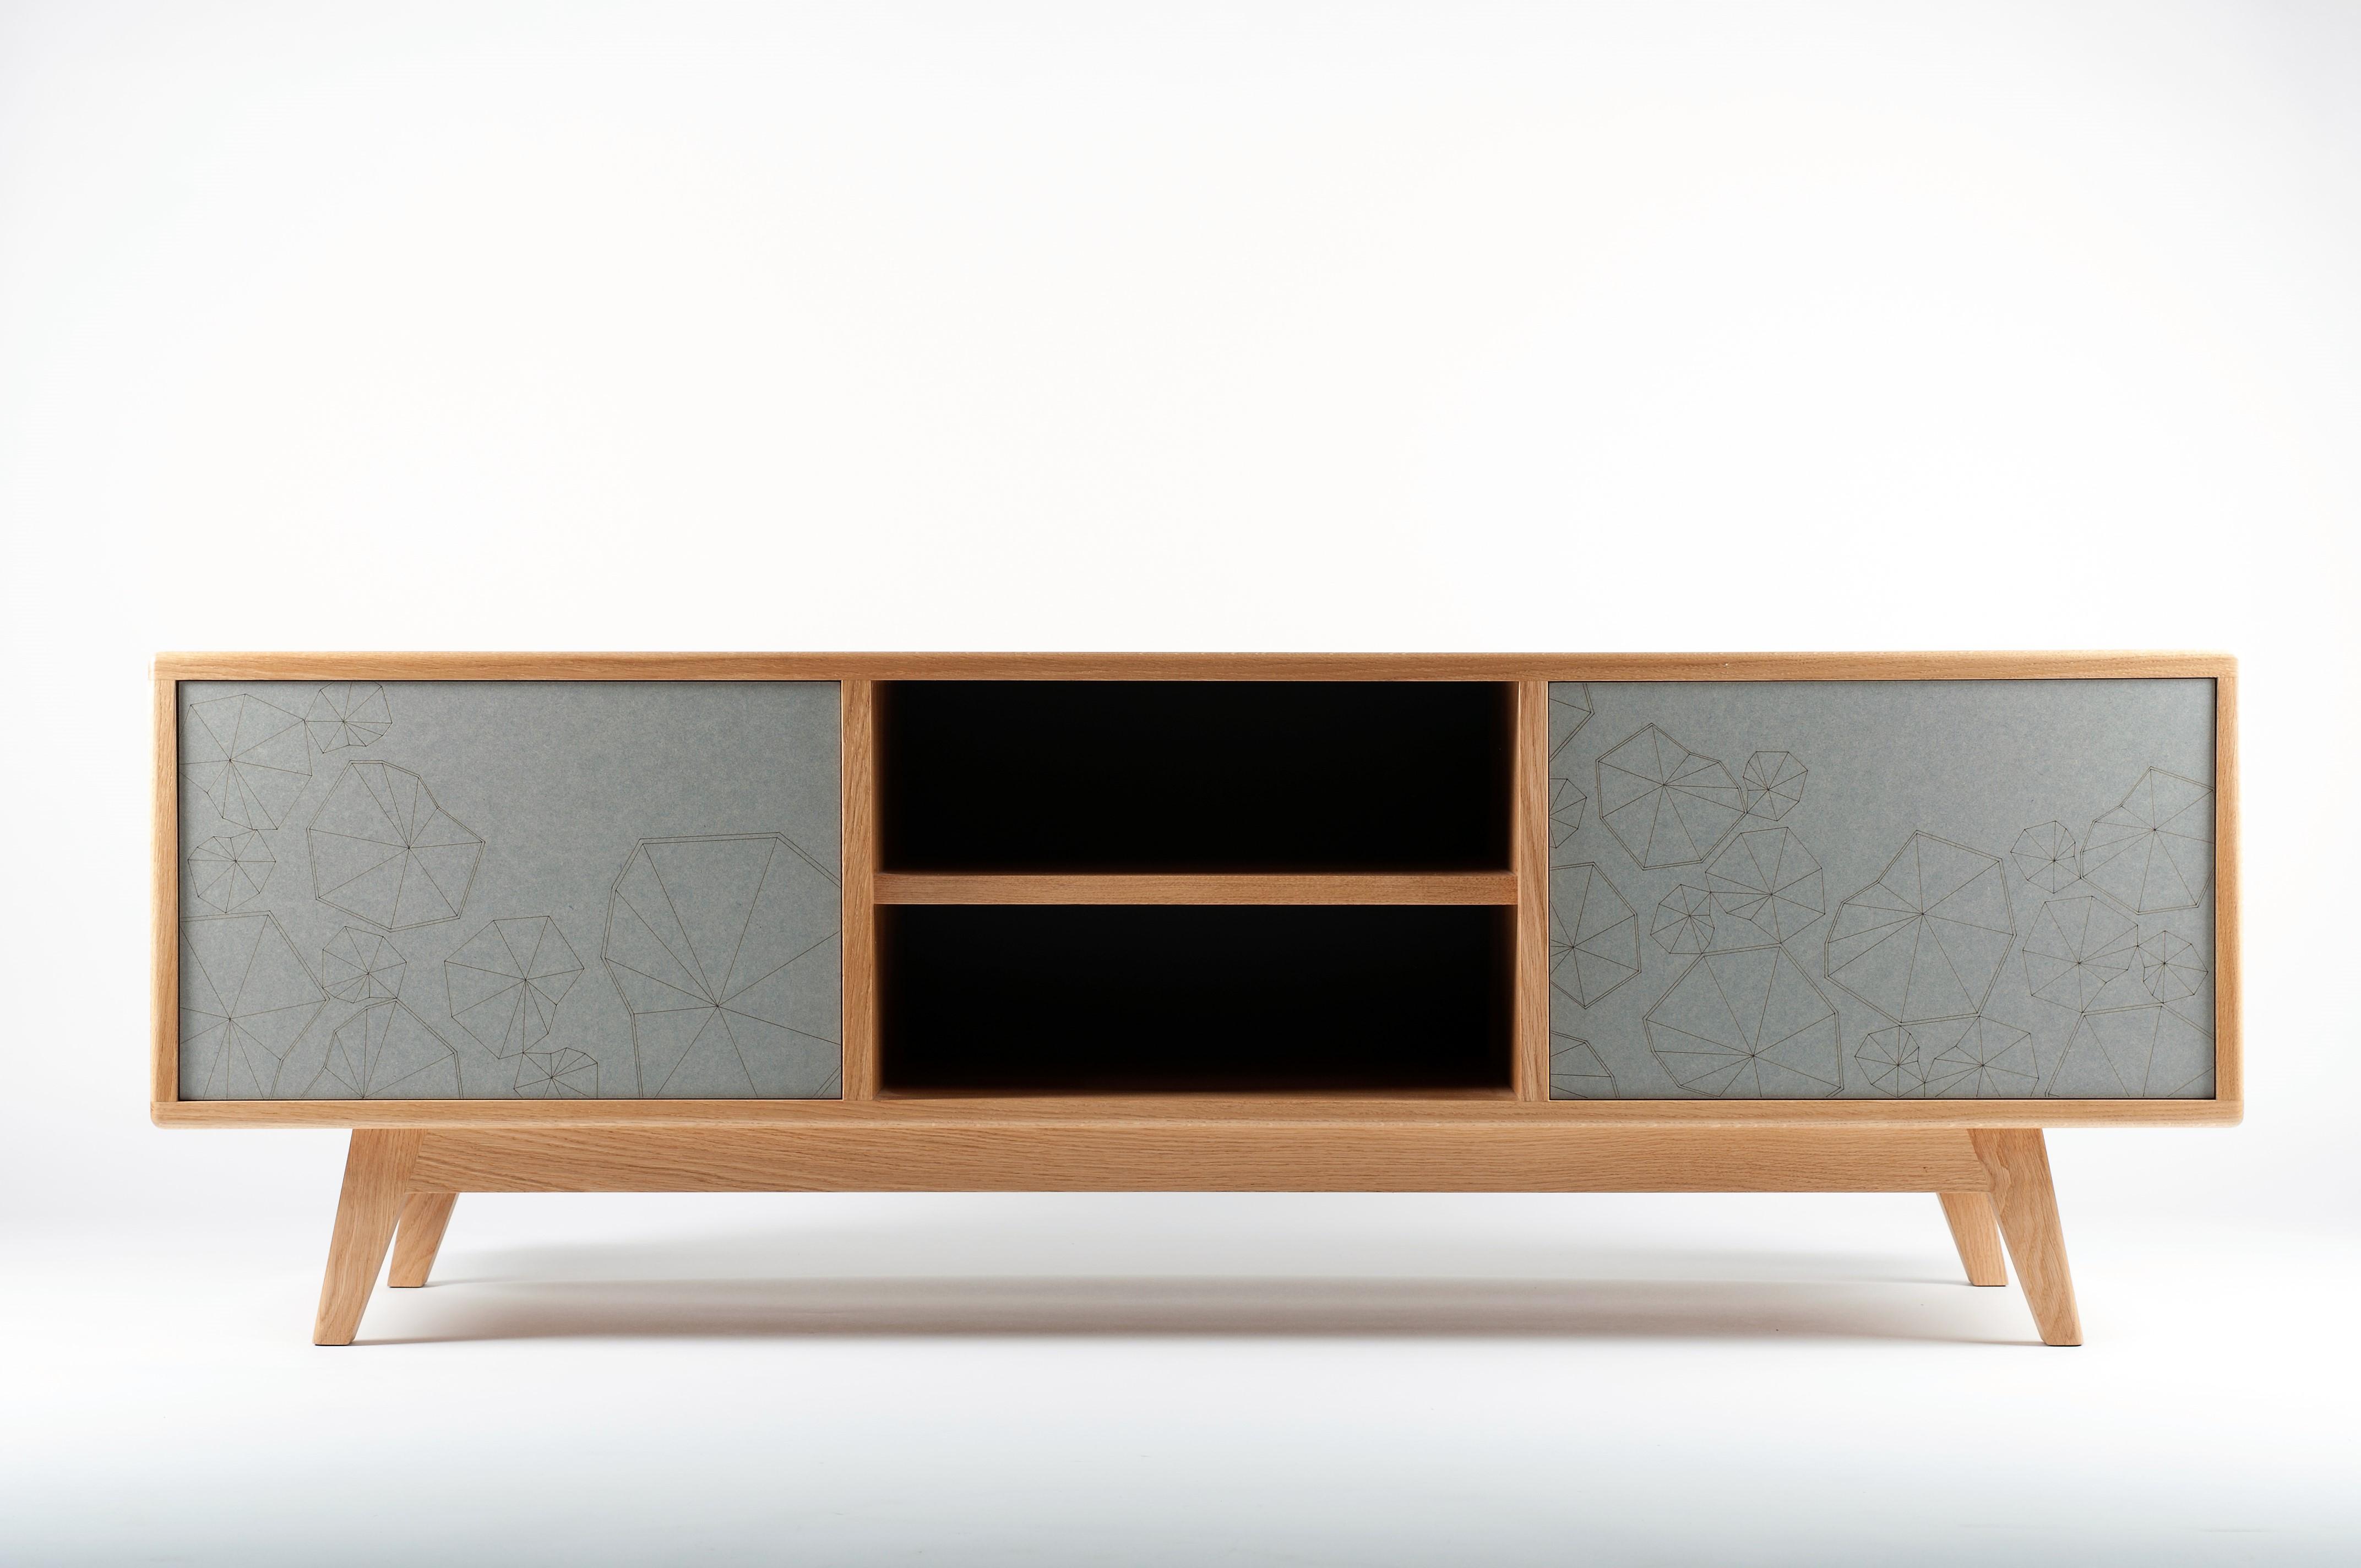 meuble tv atelier meubles de design d 39 inspiration pour la t l vision et d 39 autres. Black Bedroom Furniture Sets. Home Design Ideas